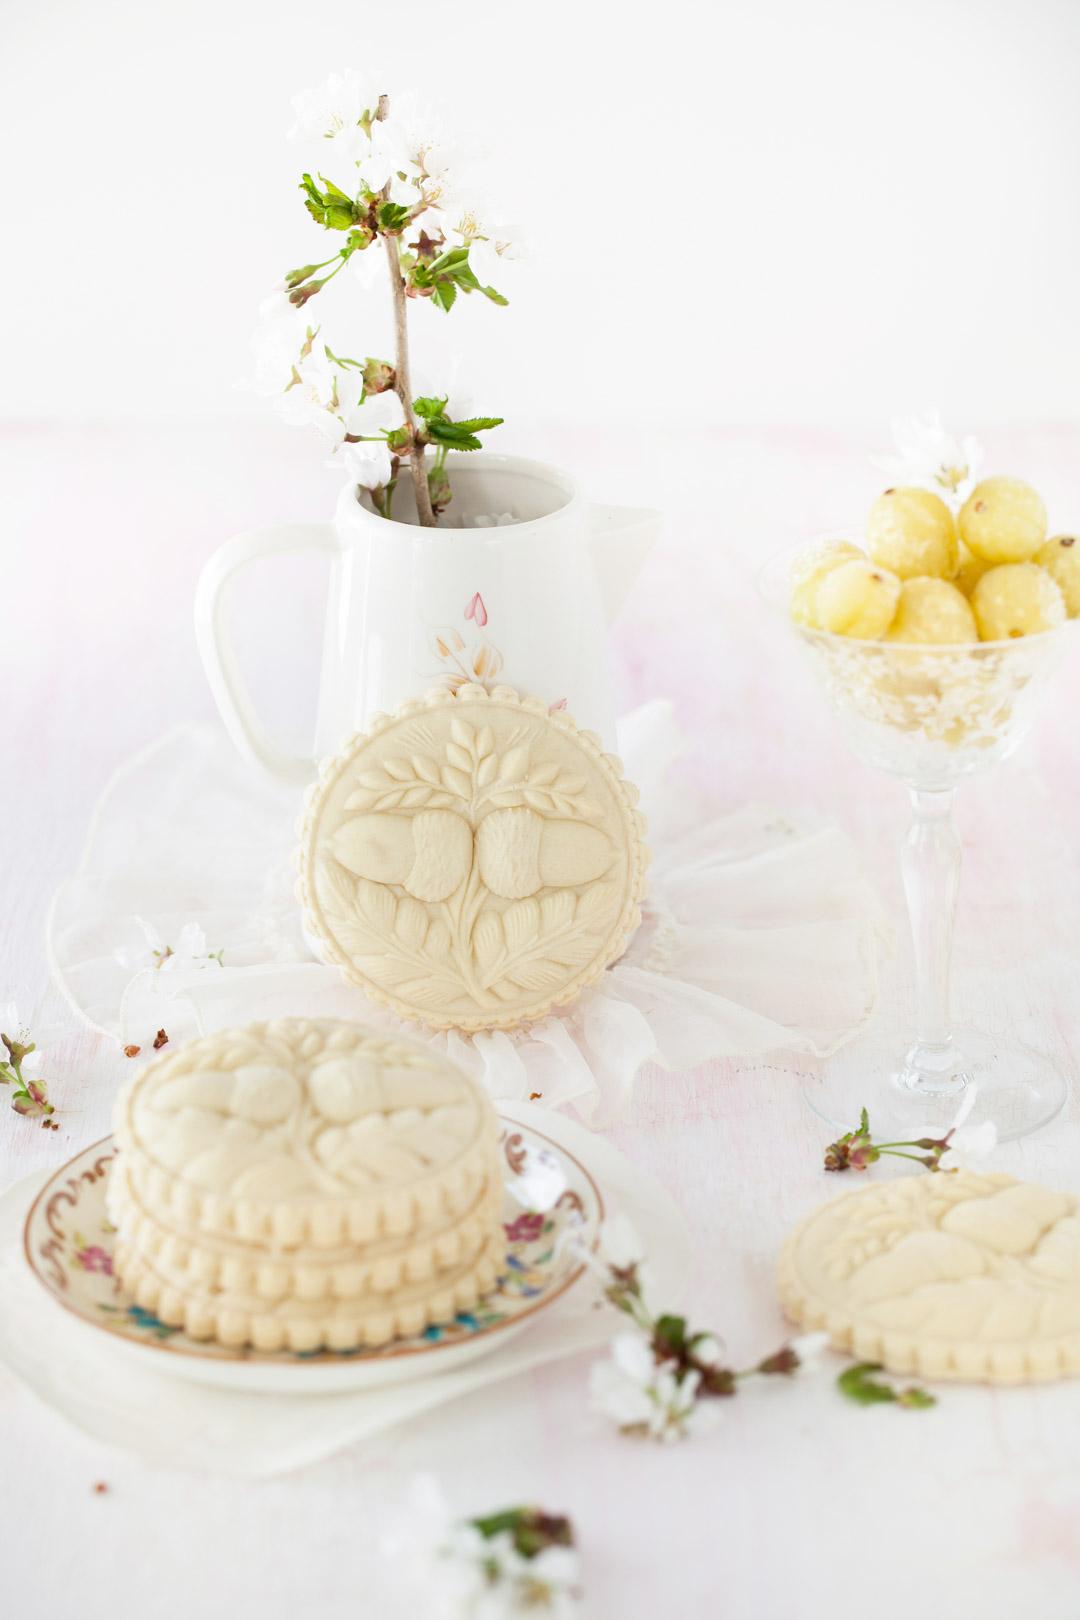 Springerle Cookies For Easter Cooking Melangery